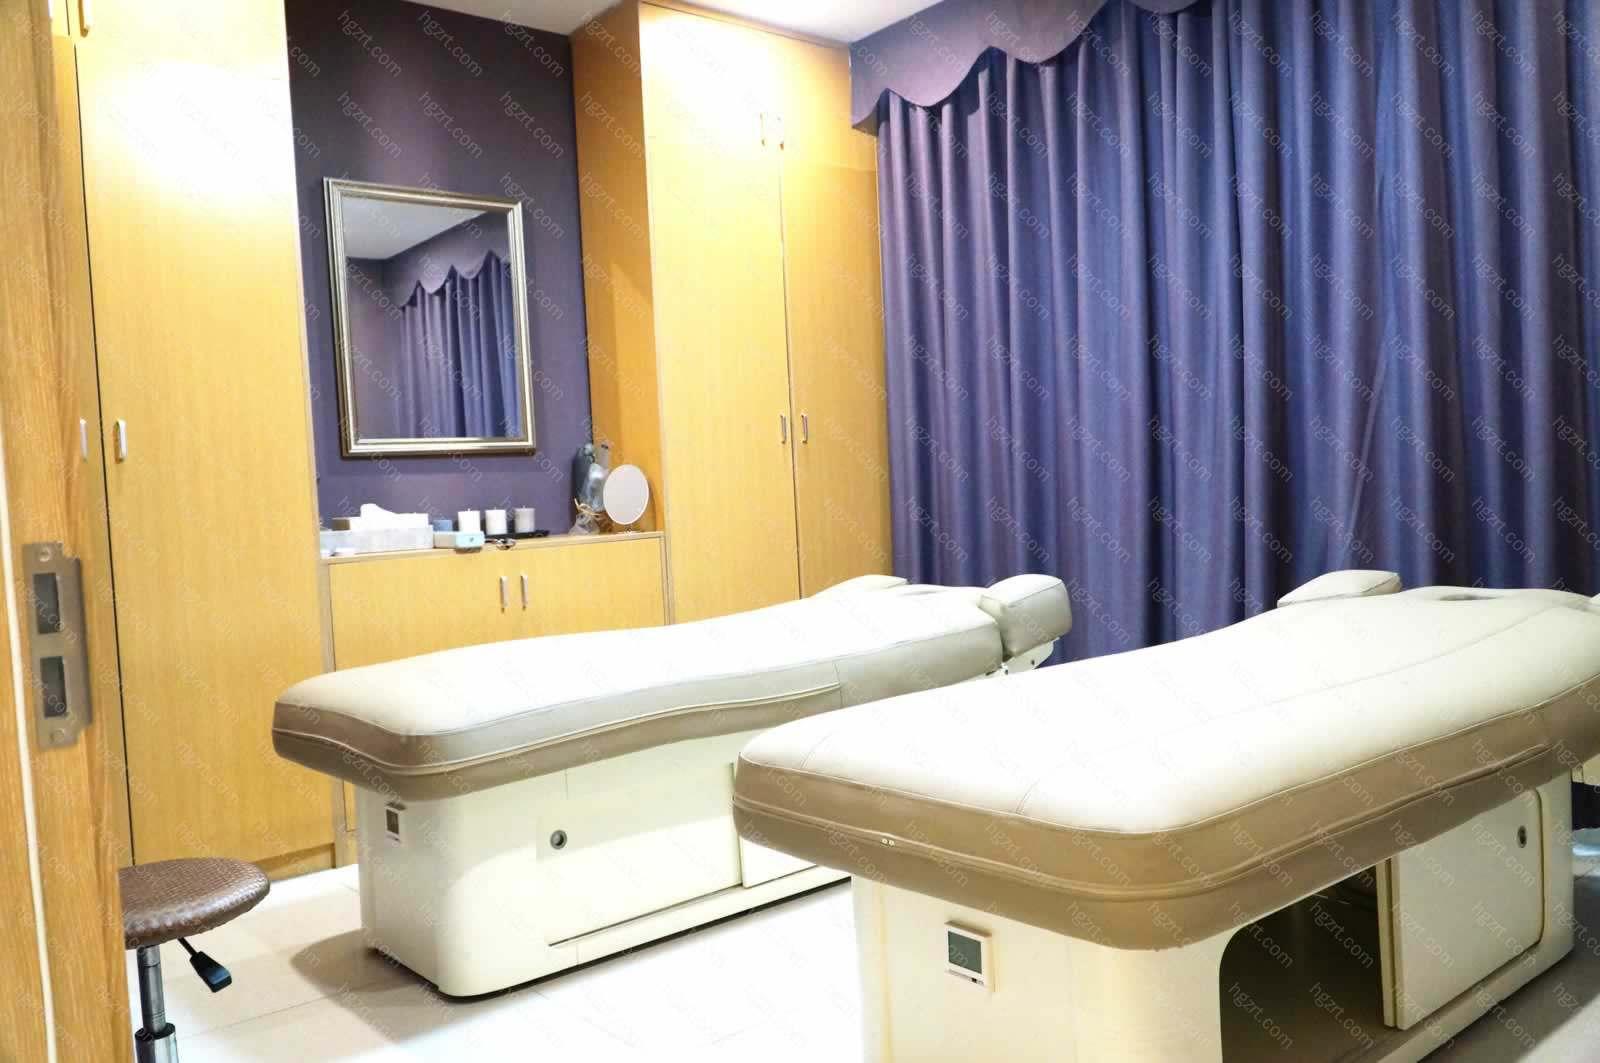 北京南加整形目前主要开展自体脂肪移植、面部年轻化管理、眼部以及鼻部整形修复三大特色项目